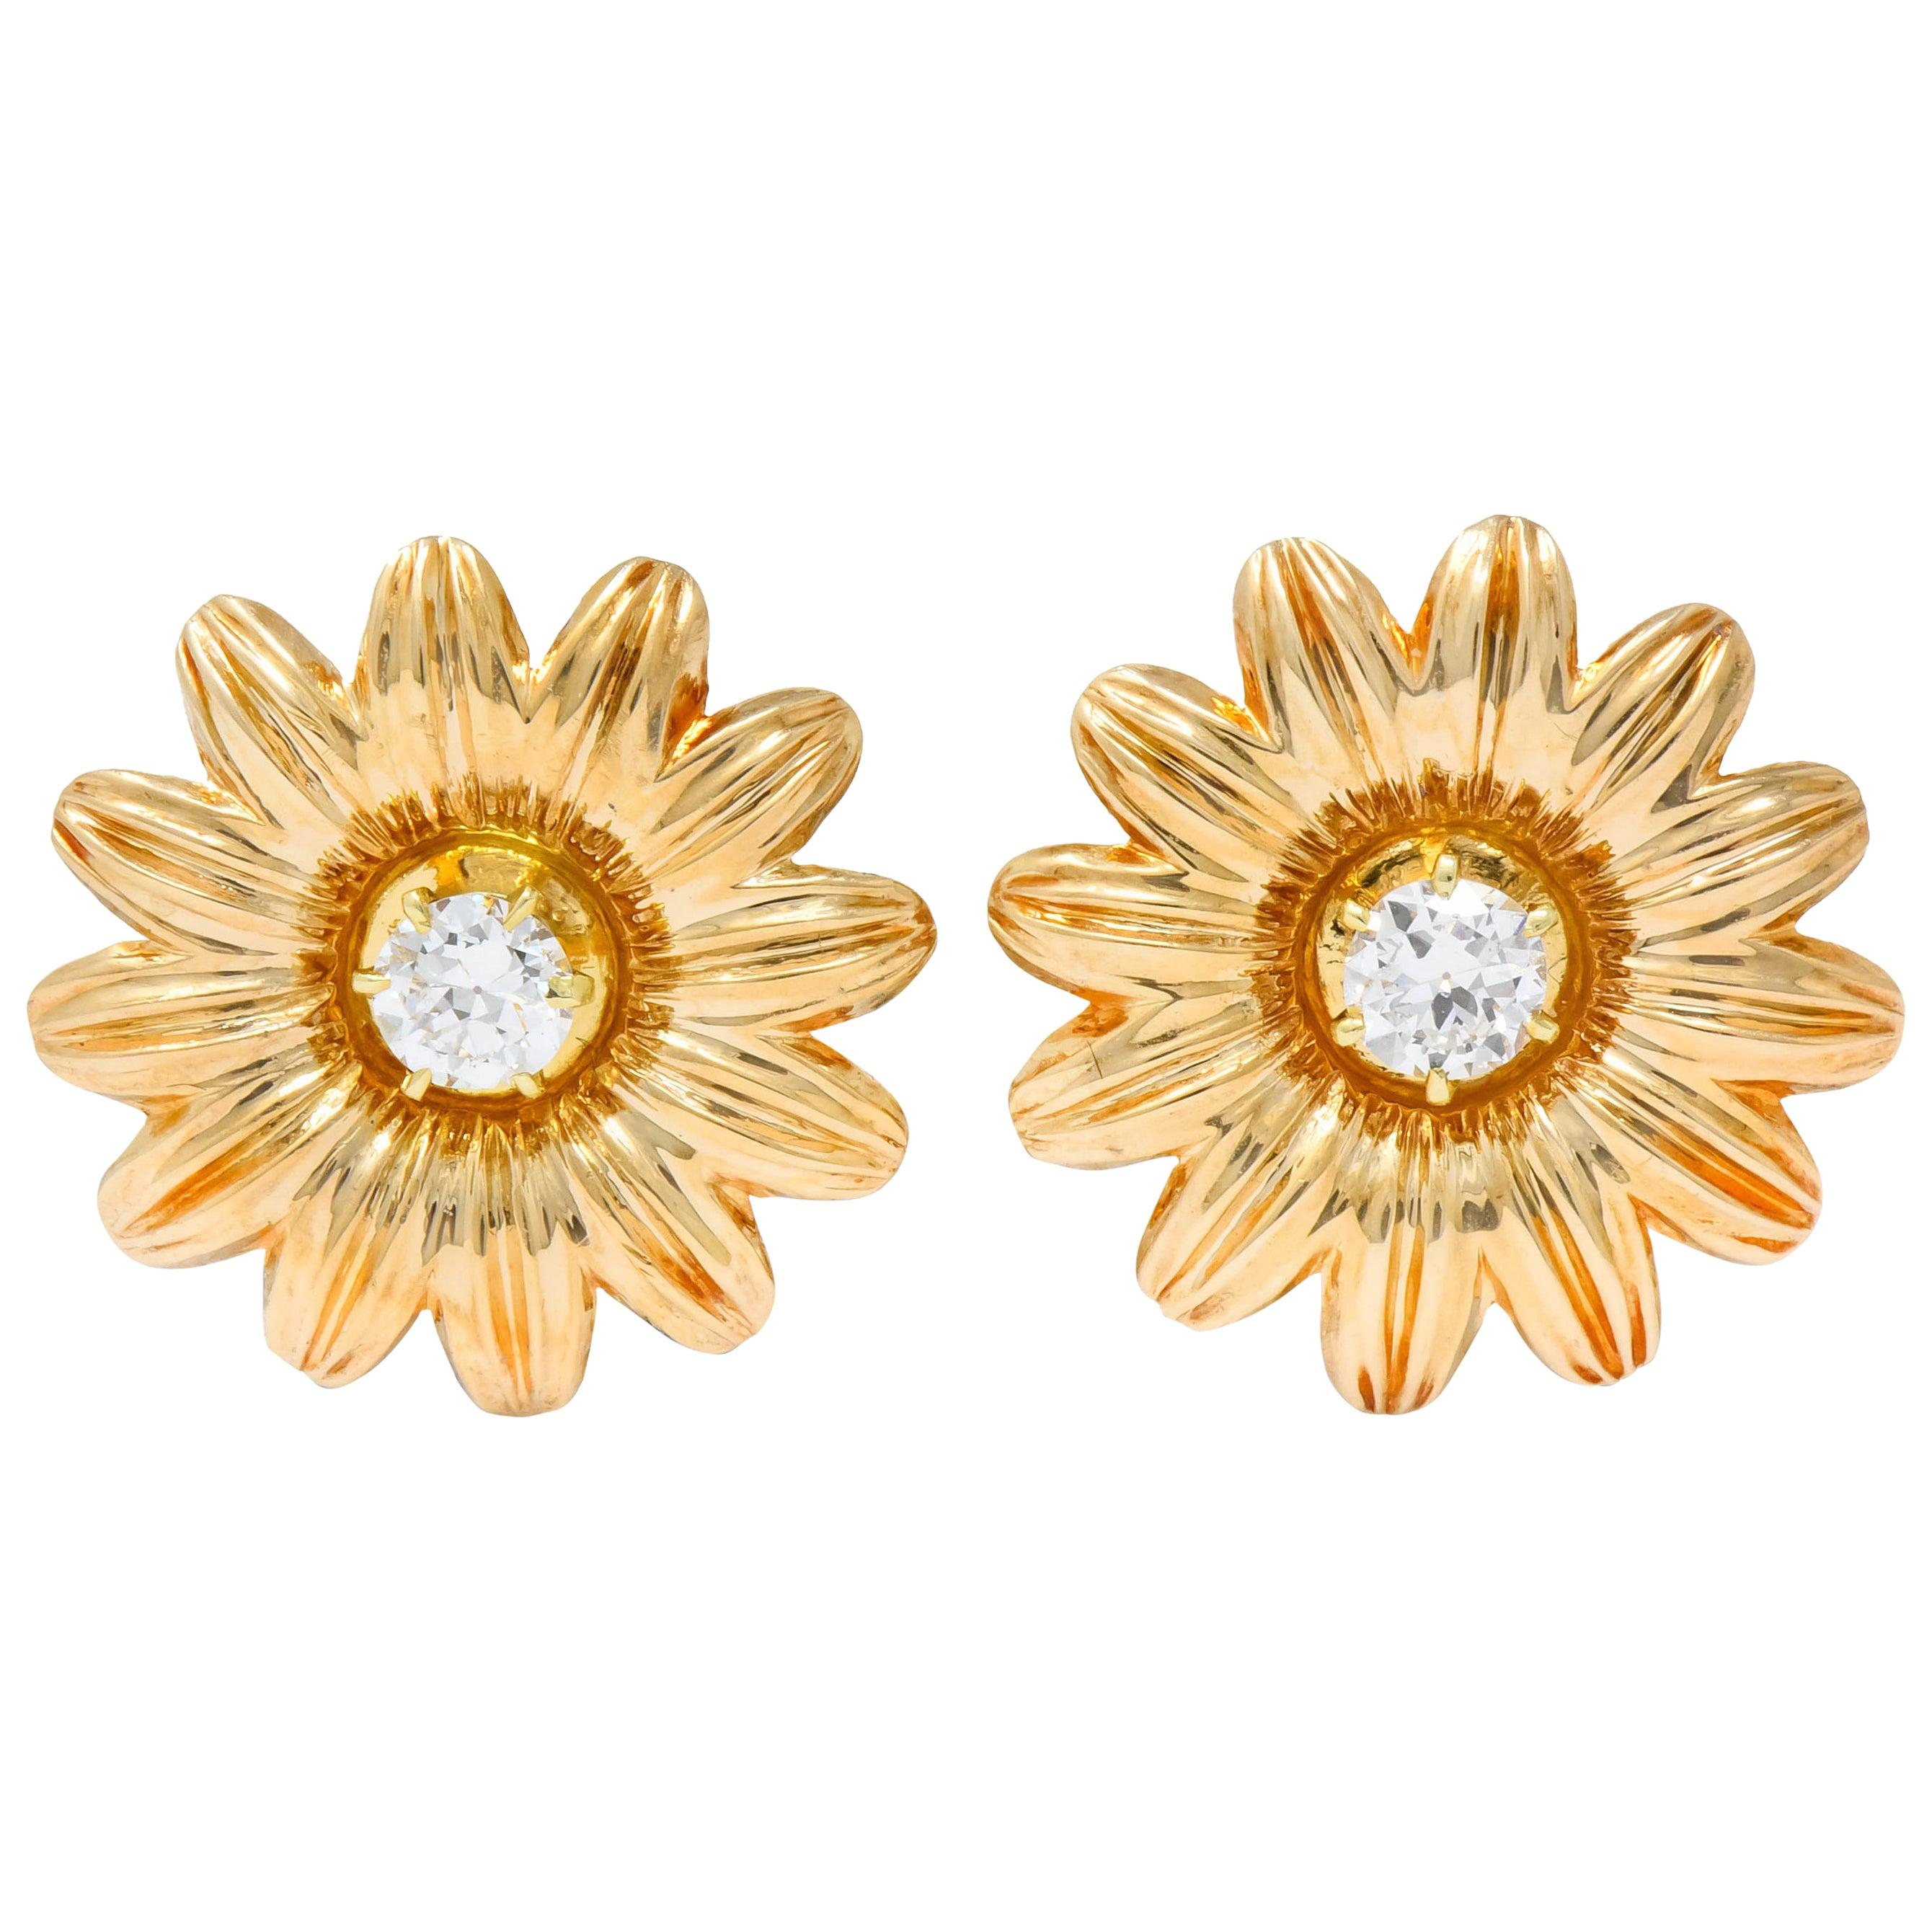 Retro Tiffany & Co. Diamond 14 Karat Gold Flower Screw Back Earrings